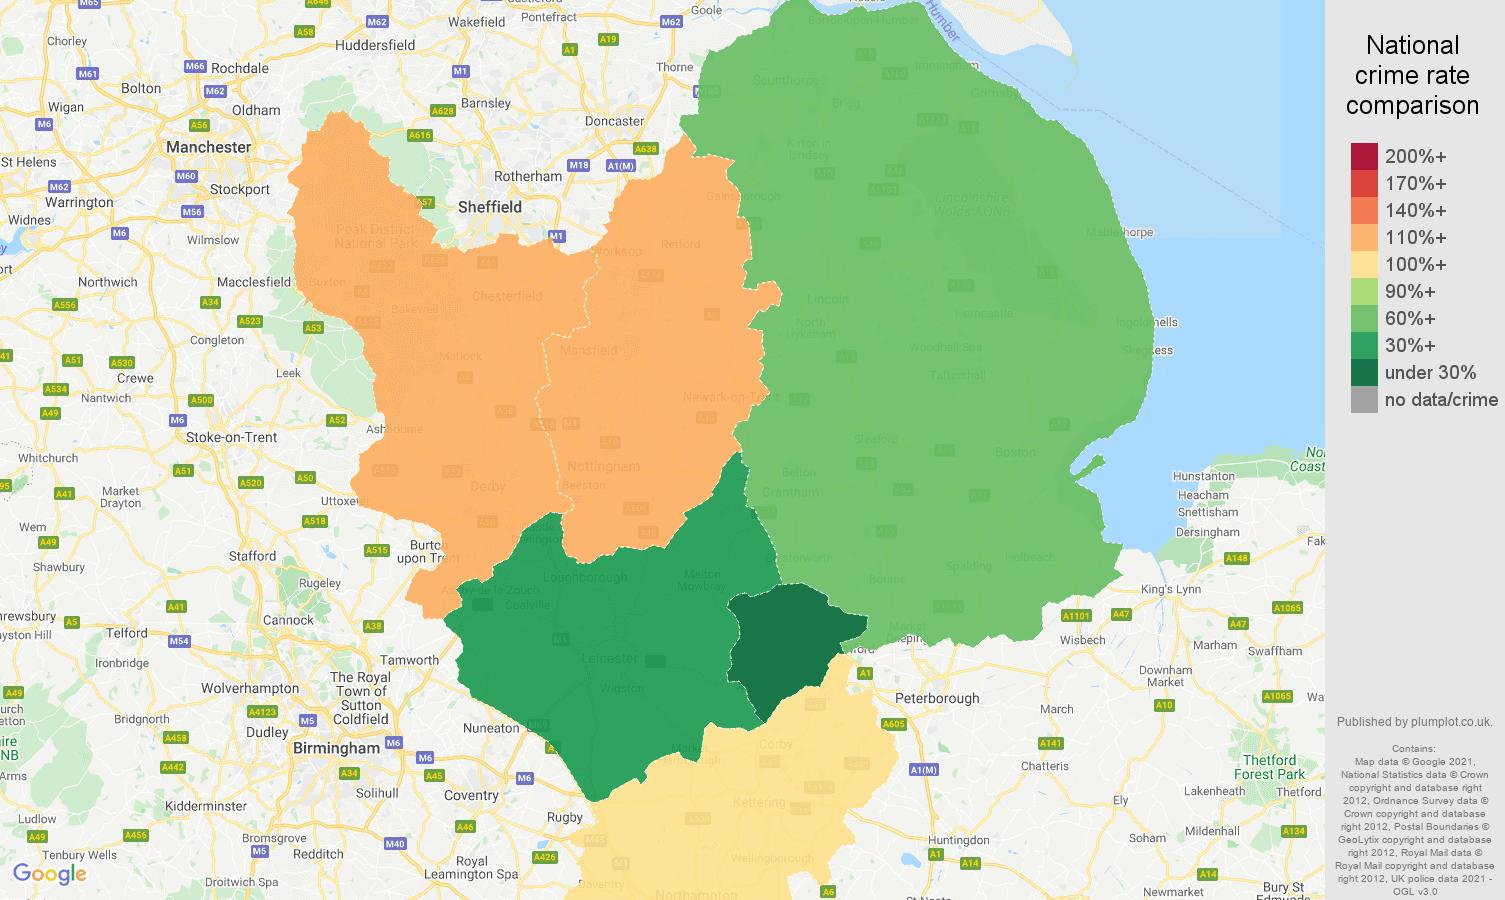 East Midlands antisocial behaviour crime rate comparison map